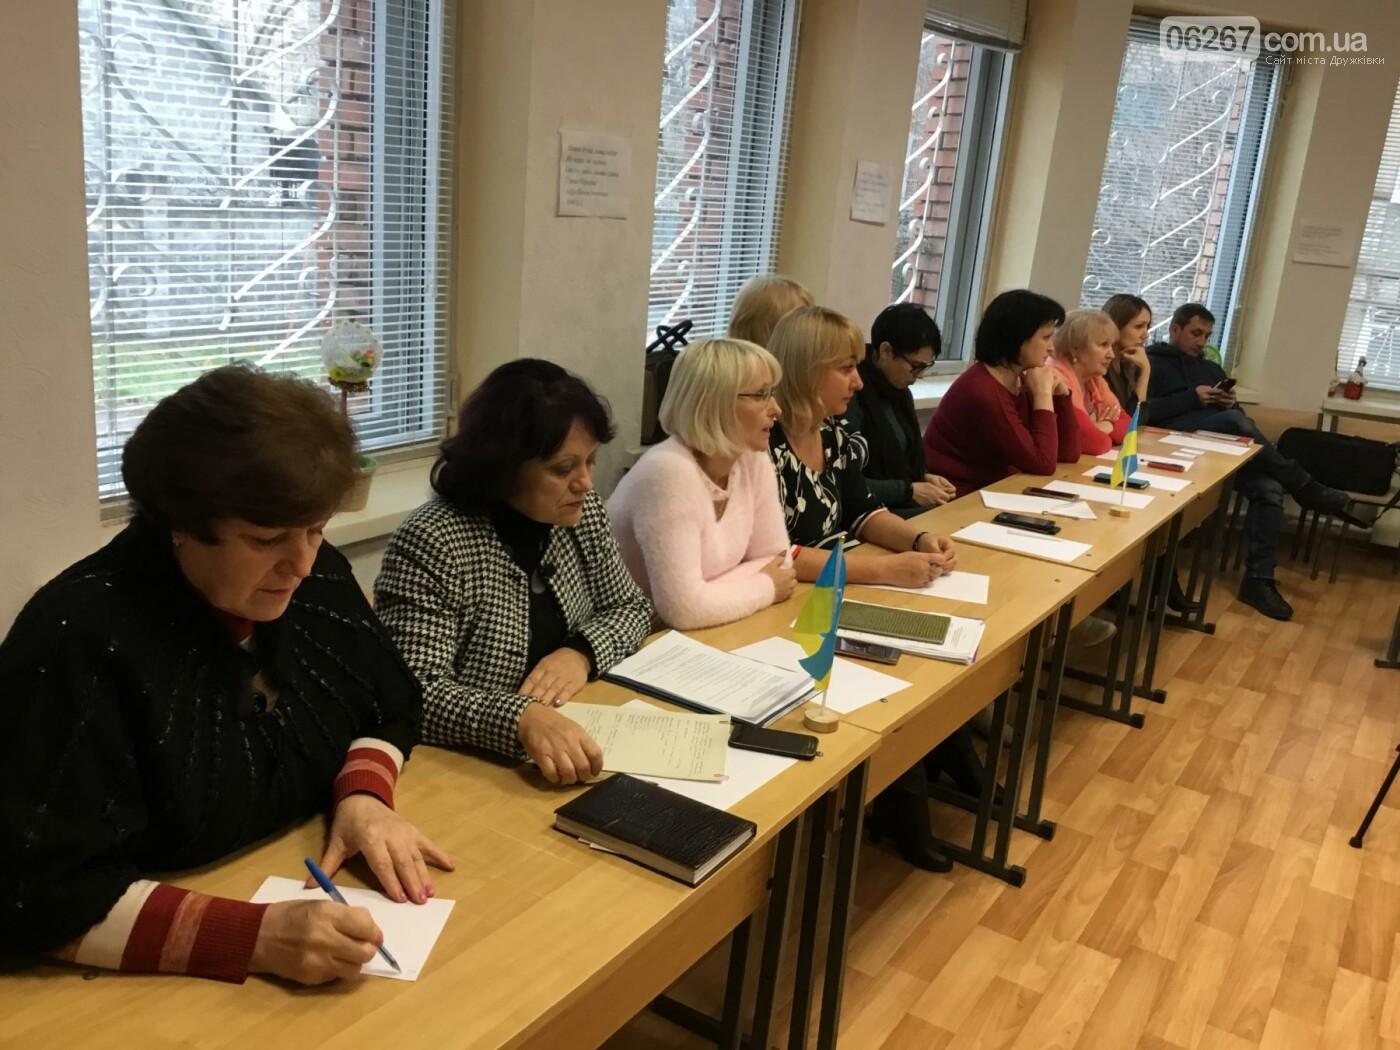 Голоса подсчитаны: Дружковскую школу №17 через десять дней может возглавить Жанна Василенко, фото-1